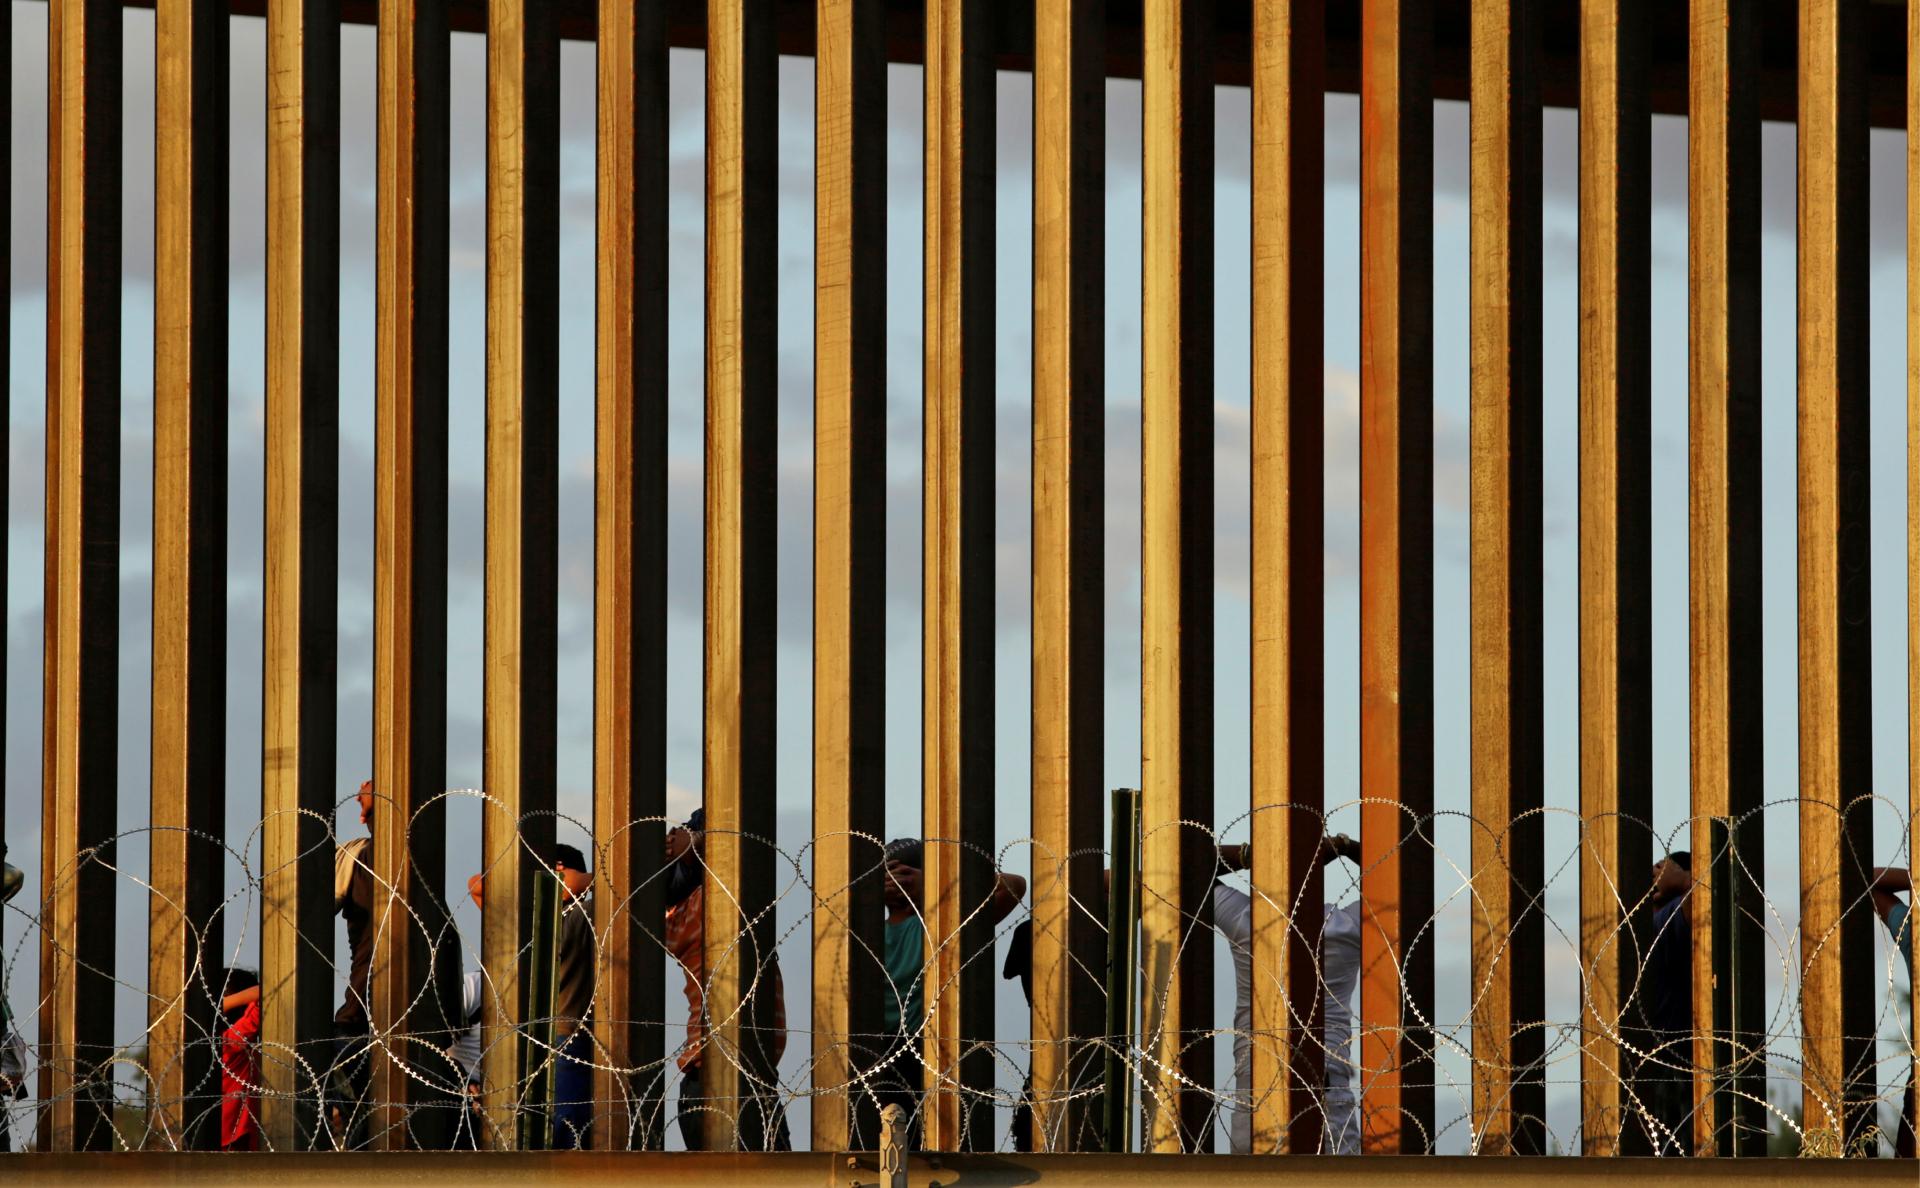 Нелегальные мигранты в Эль-Пасо (штат Техас)